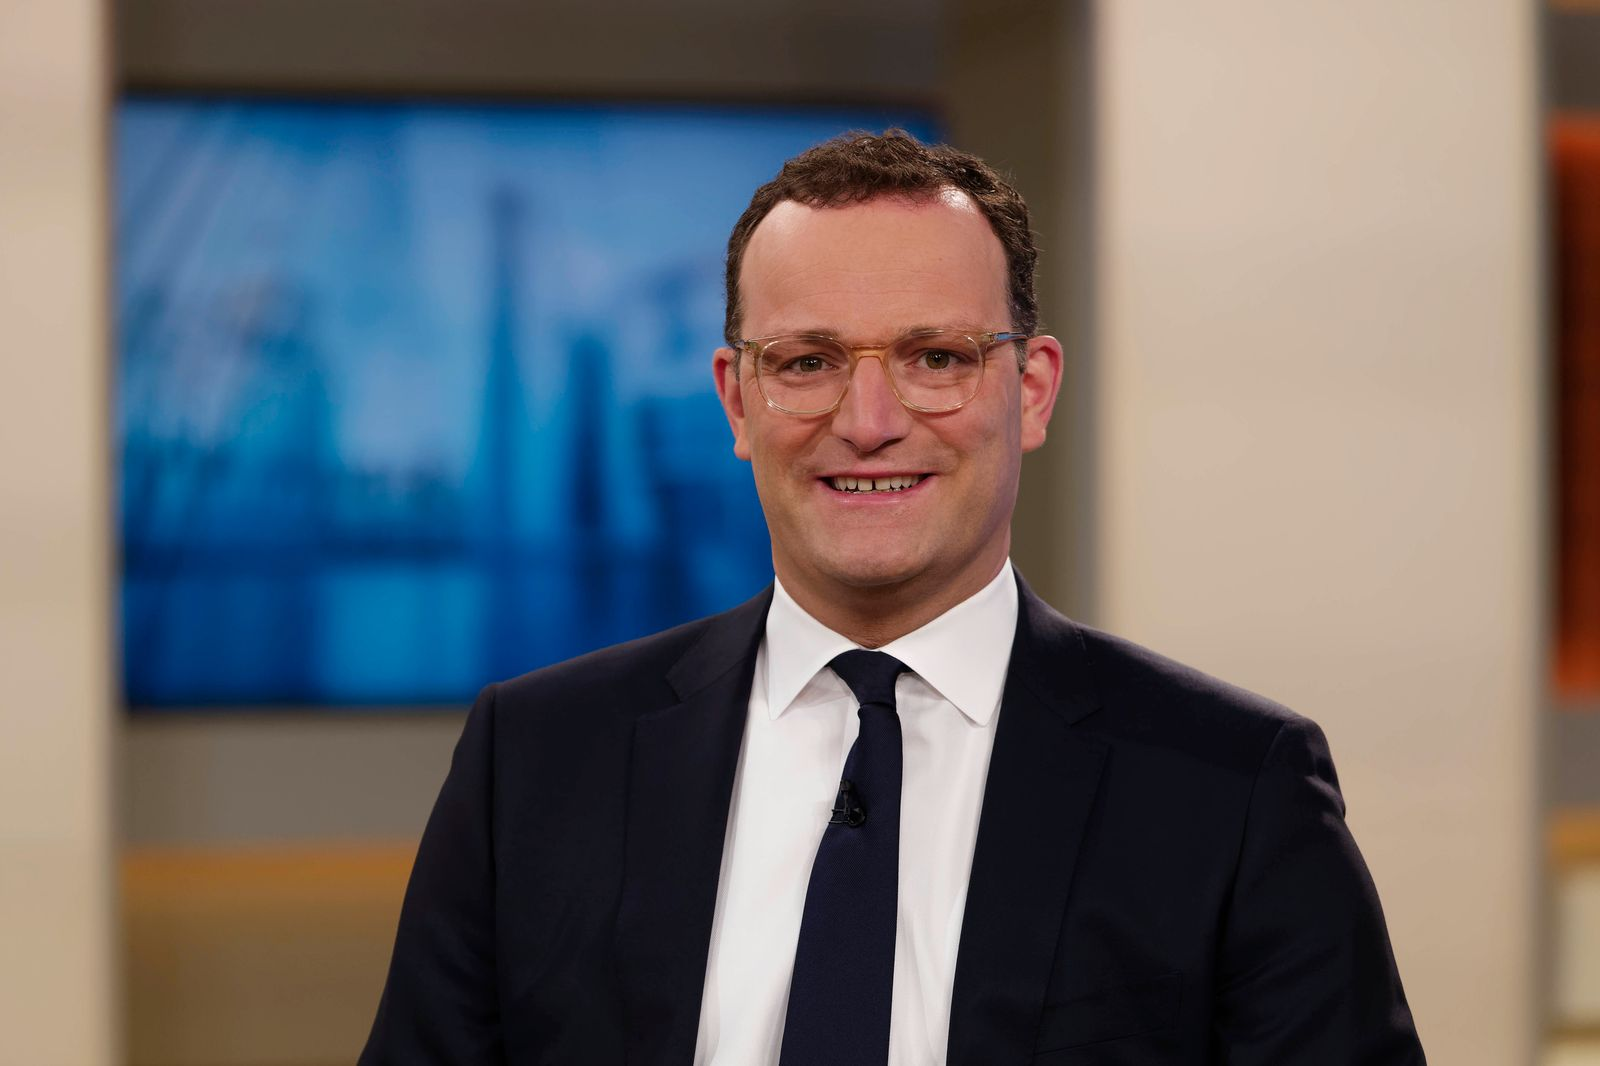 Jens Spahn 2021-05-0, Deutschland, Berlin - Jens Spahn (CDU), Bundesgesundheitsminister, zu Gast bei Anne Will im Erste